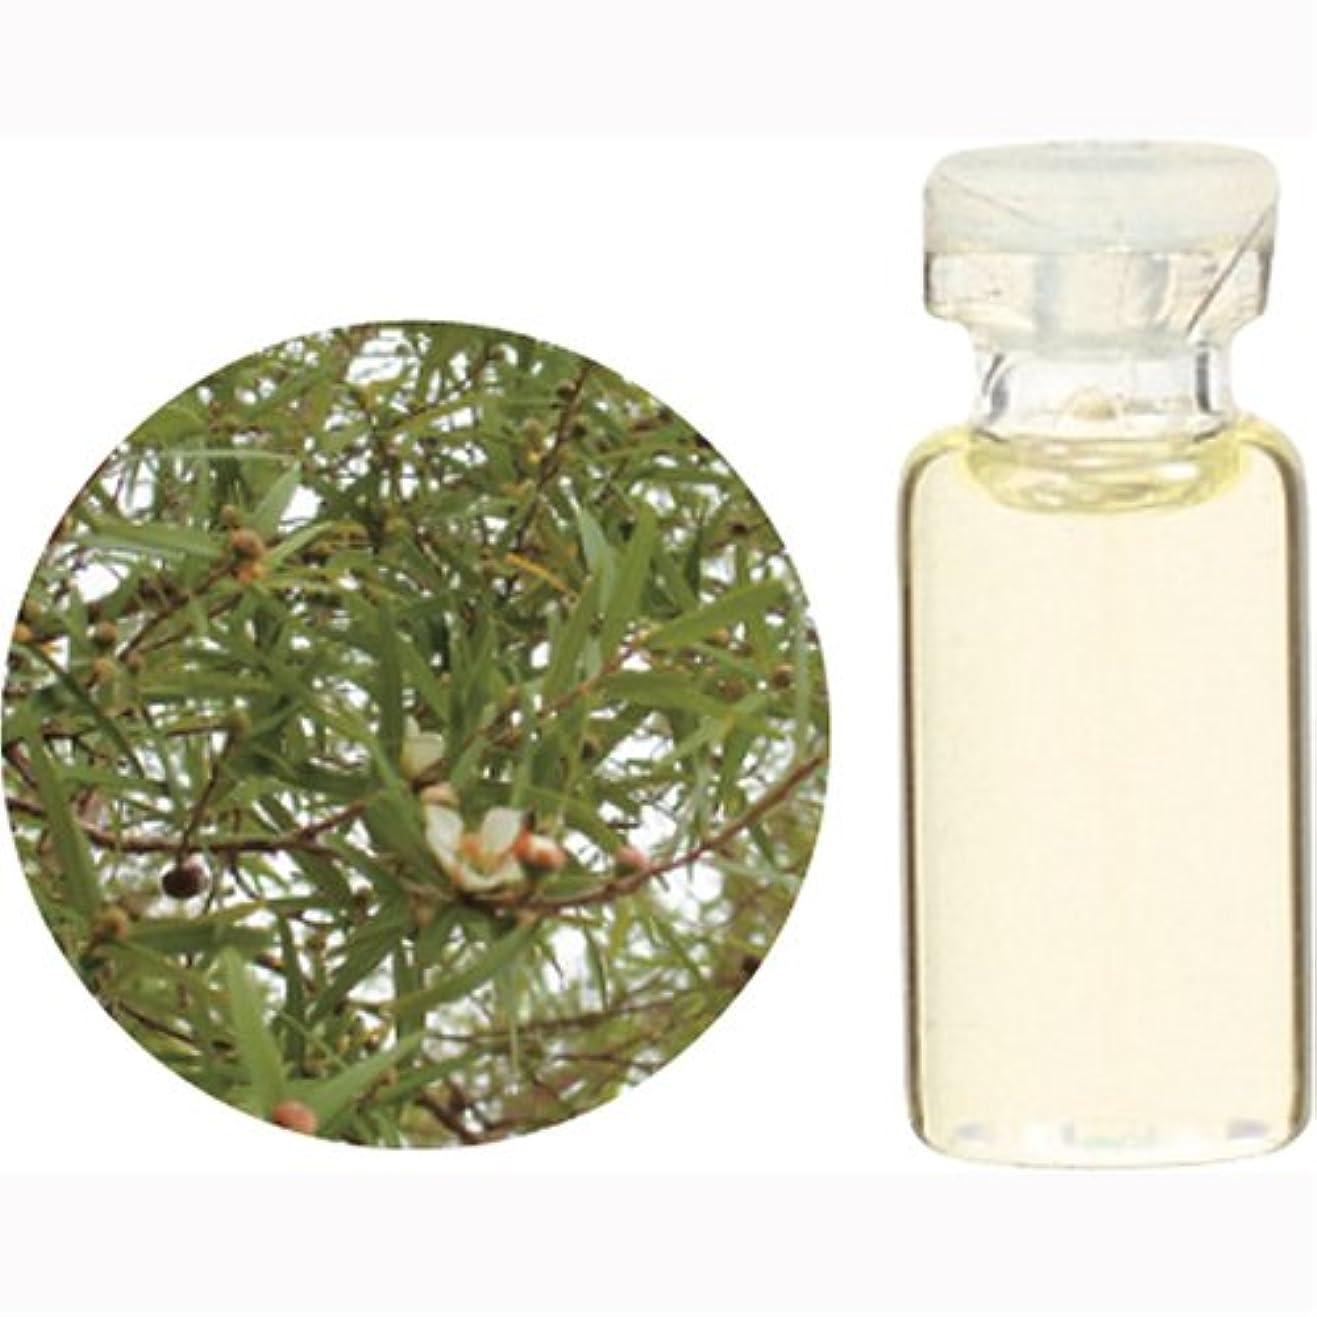 指標うまくやる()きゅうり生活の木 C レモン ティートゥリー エッセンシャルオイル 1000ml